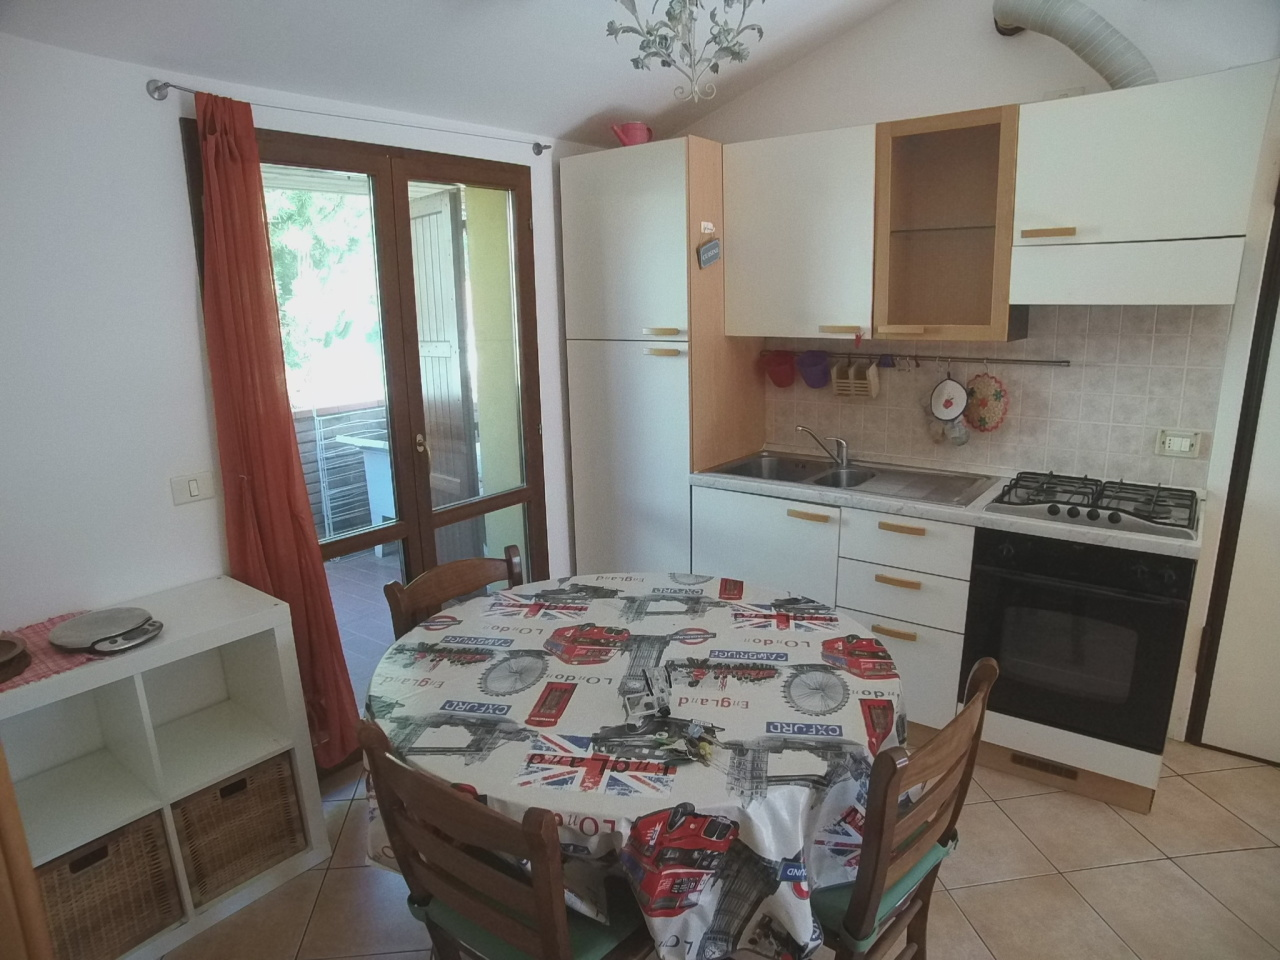 Appartamento in vendita a Bellaria Igea Marina, 4 locali, prezzo € 190.000   PortaleAgenzieImmobiliari.it